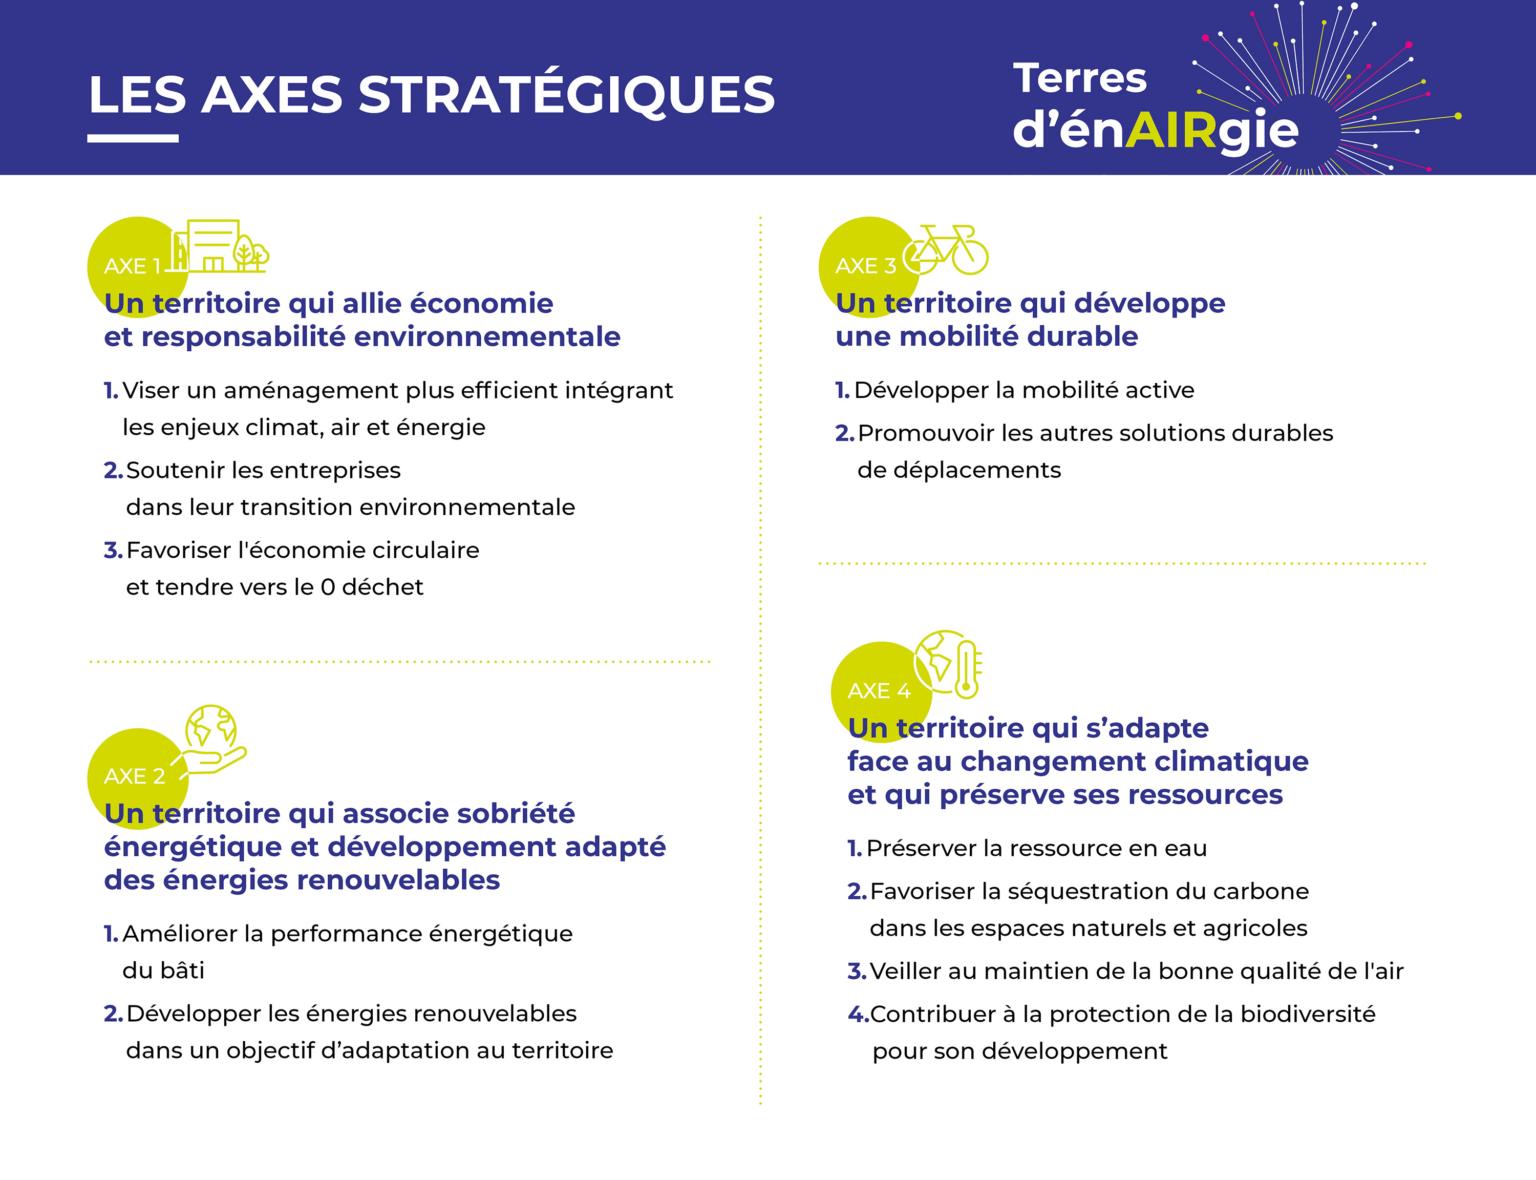 Les axes stratégiques du plan climat Terres d'EnAIRgie - Terres de Montaigu